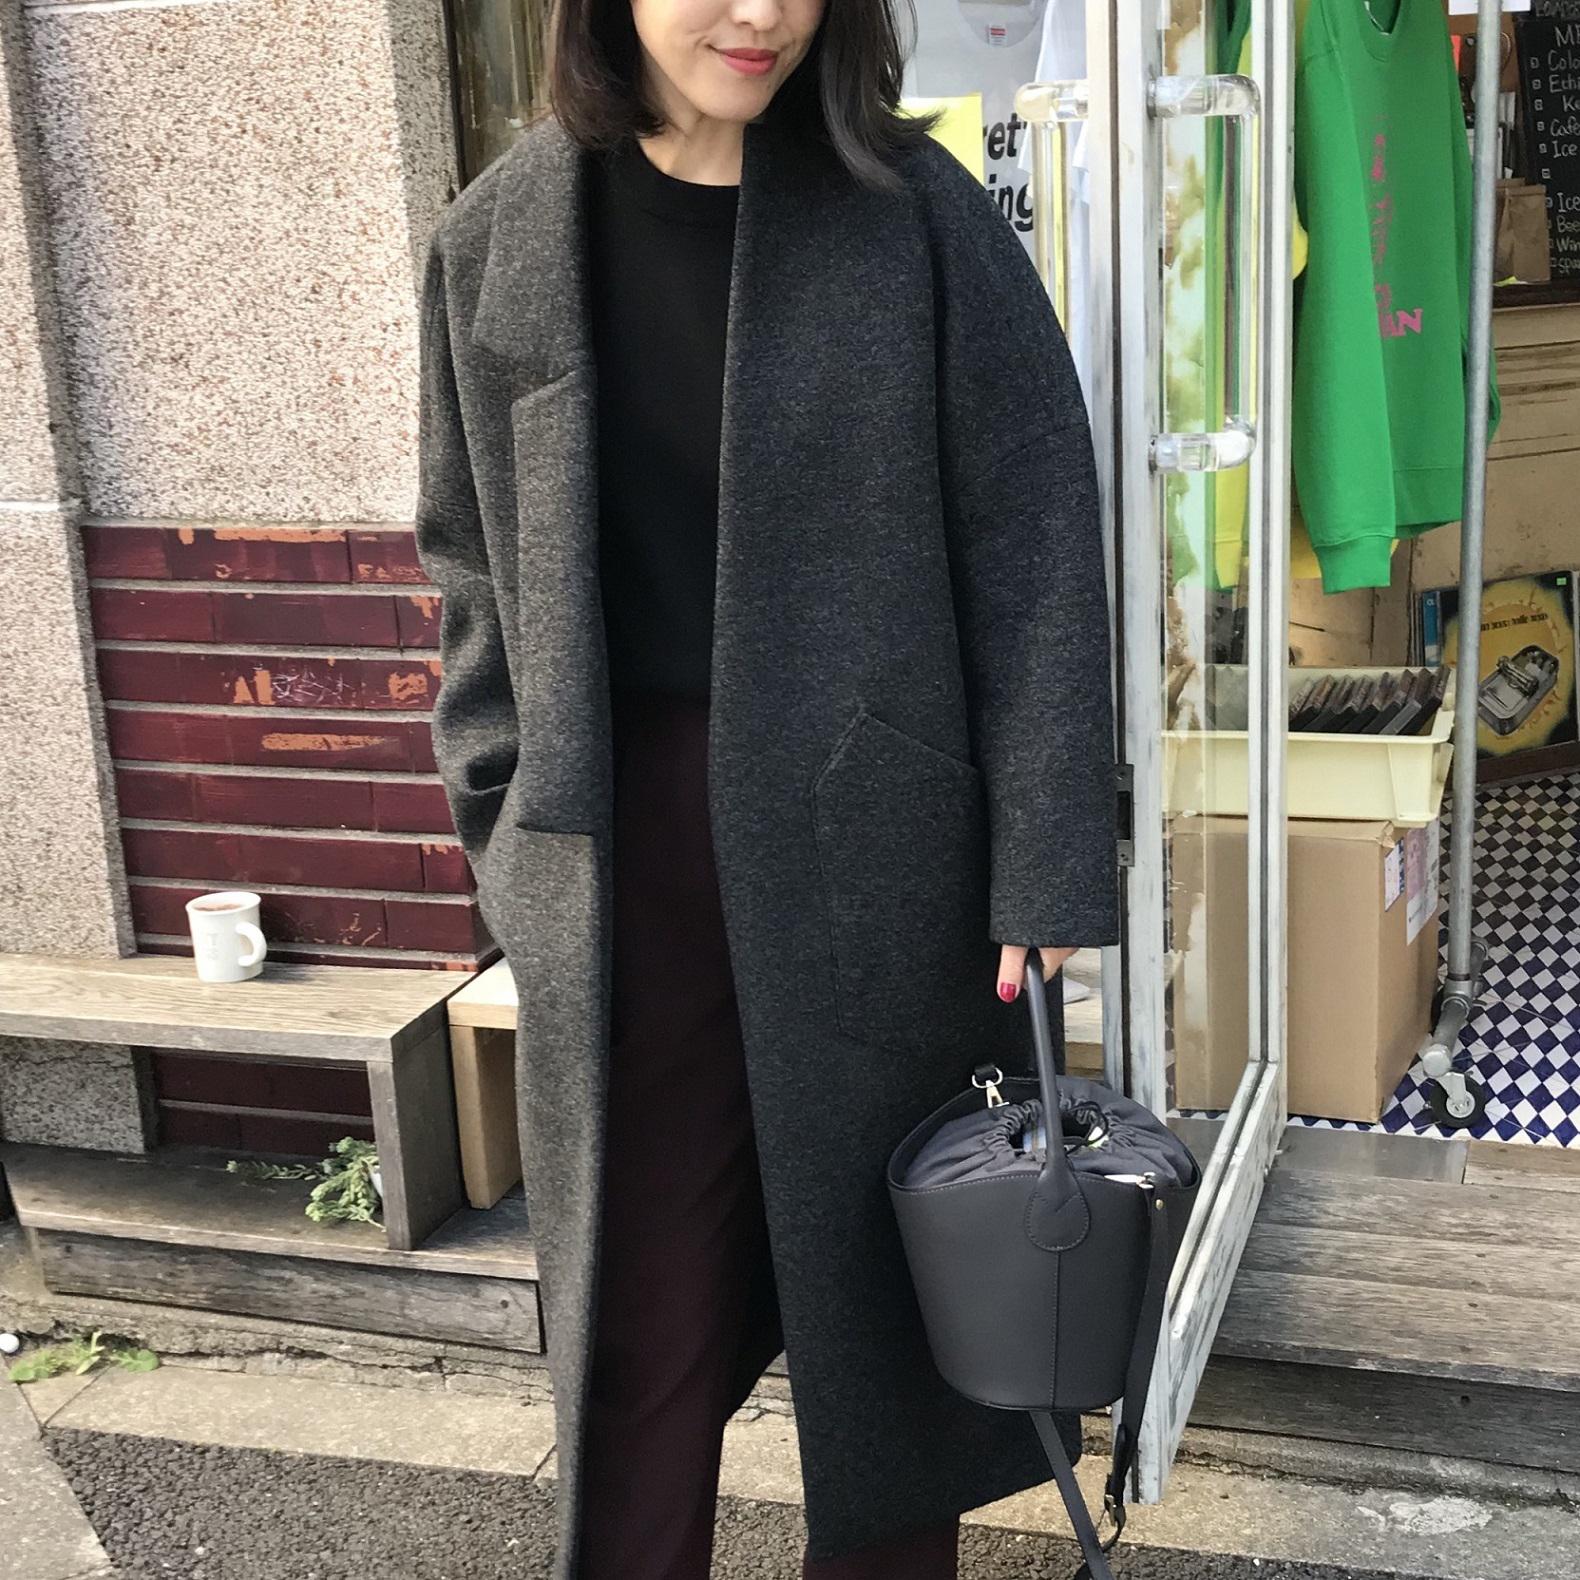 ロング&ビッグが人気!美女組さん今年のコート【マリソル美女組ブログPICK UP】_1_1-1